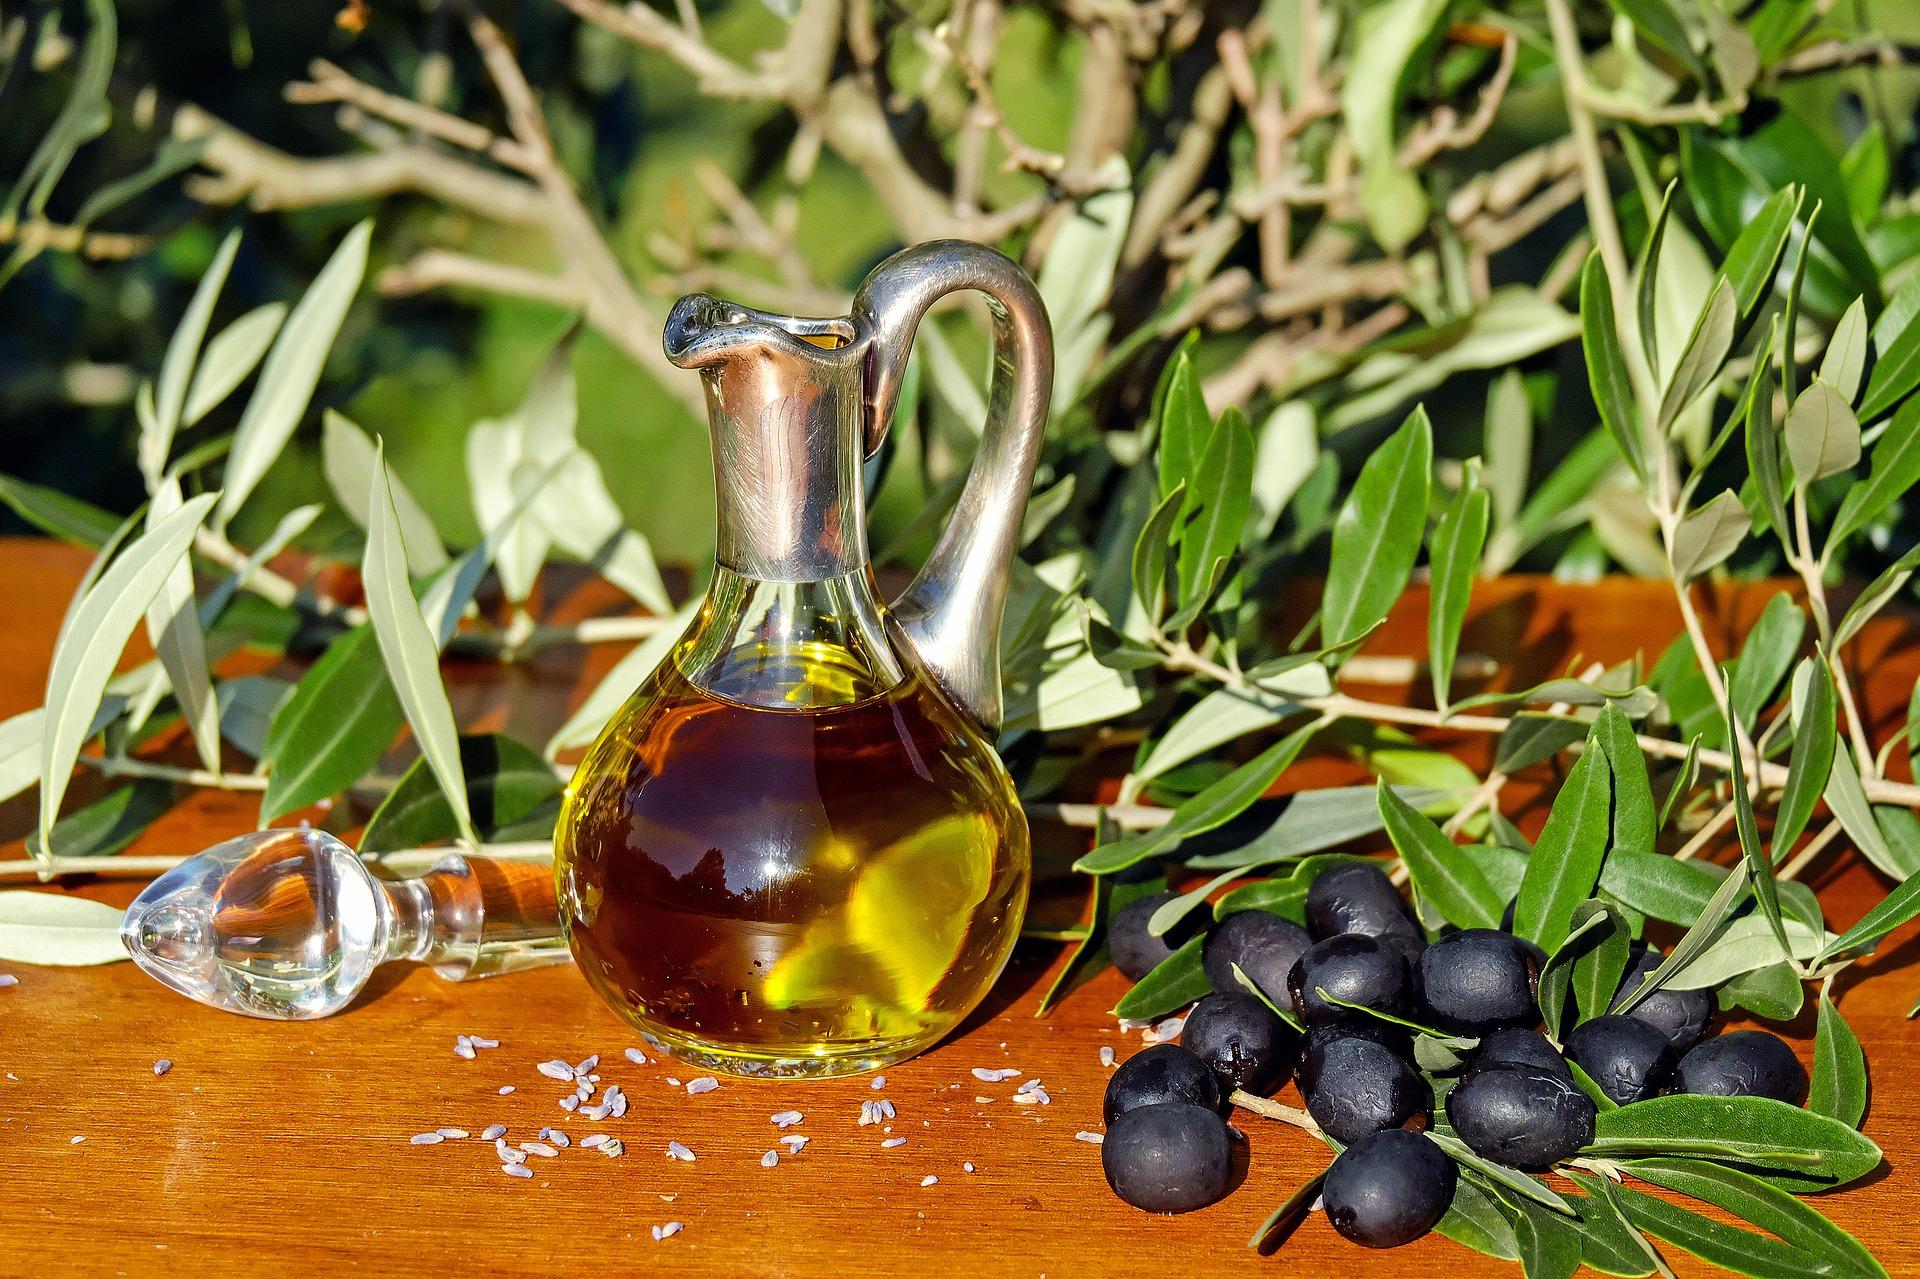 Un compuesto extraído del olivo ayuda a la cicatrización de heridas, según una investigación del IMIB